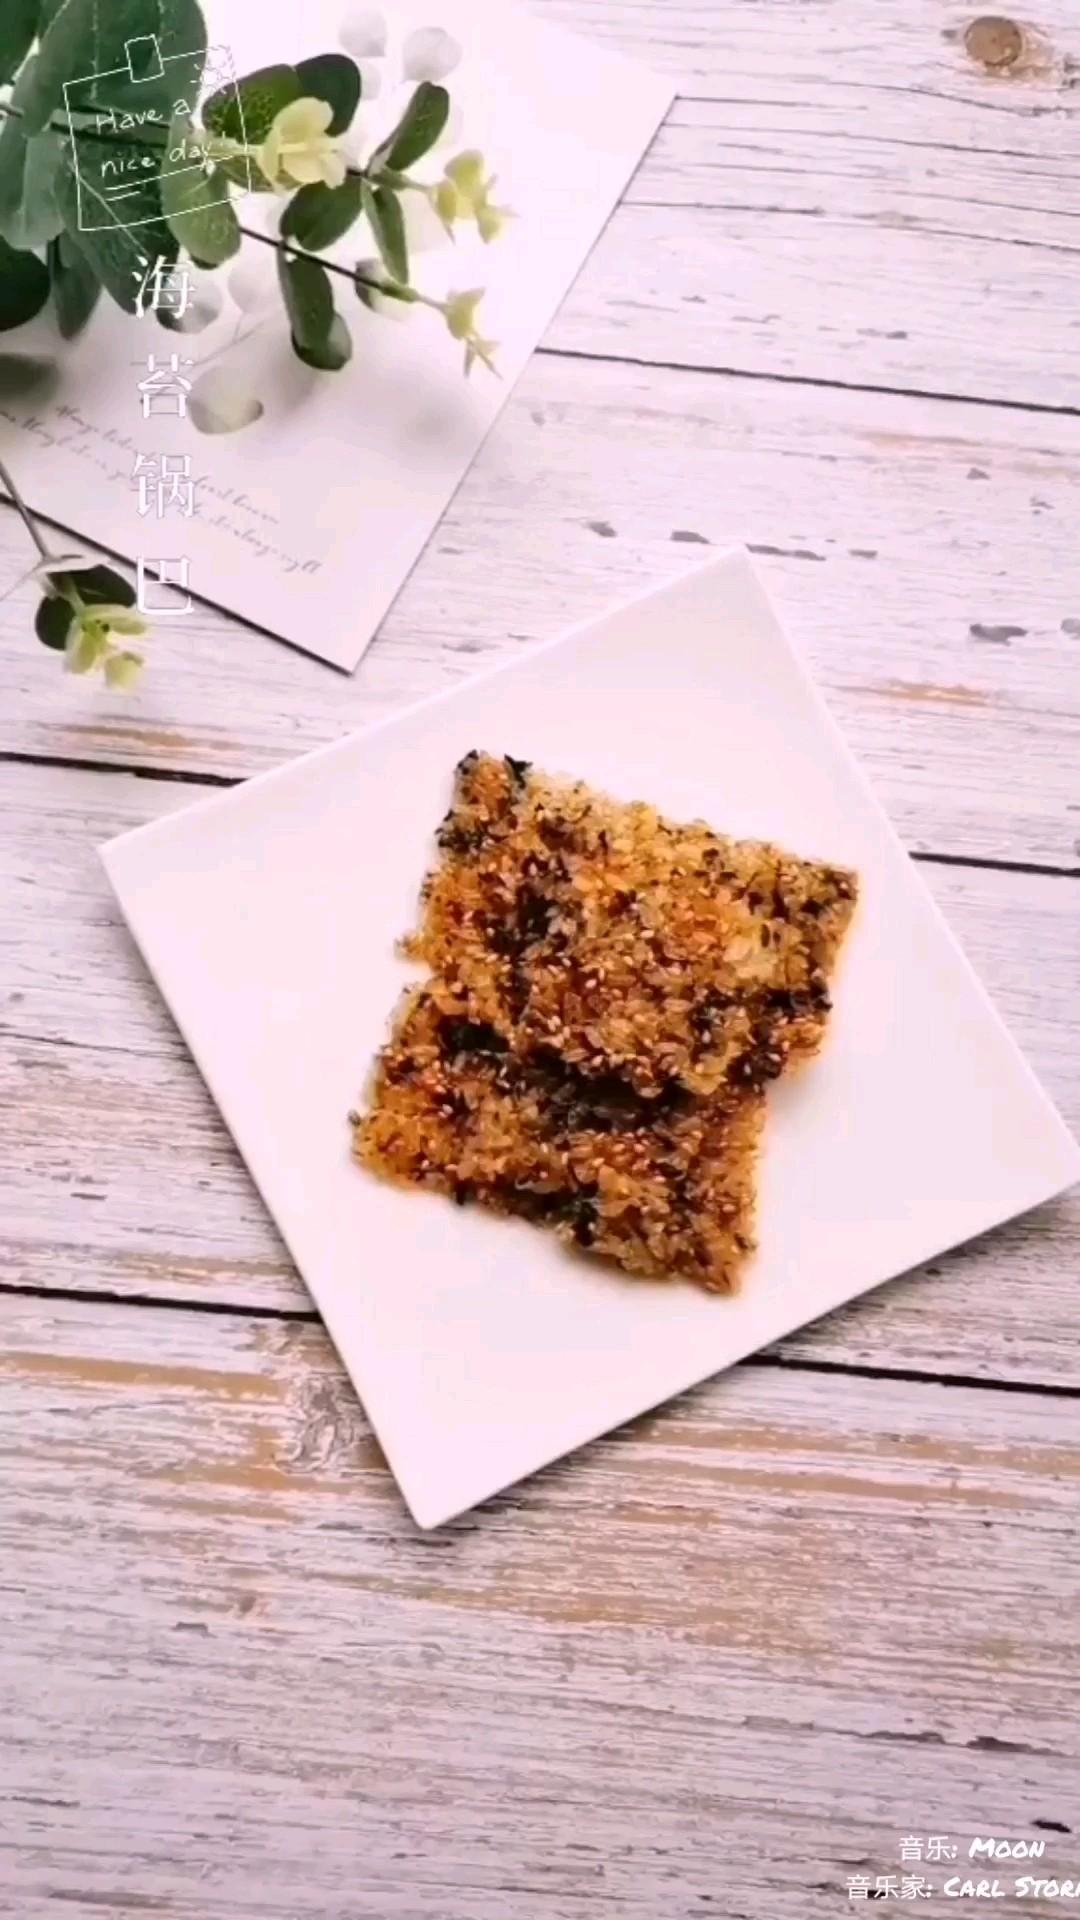 米饭巧做海苔锅巴脆,咸鲜酥香,一口一个停不下来!